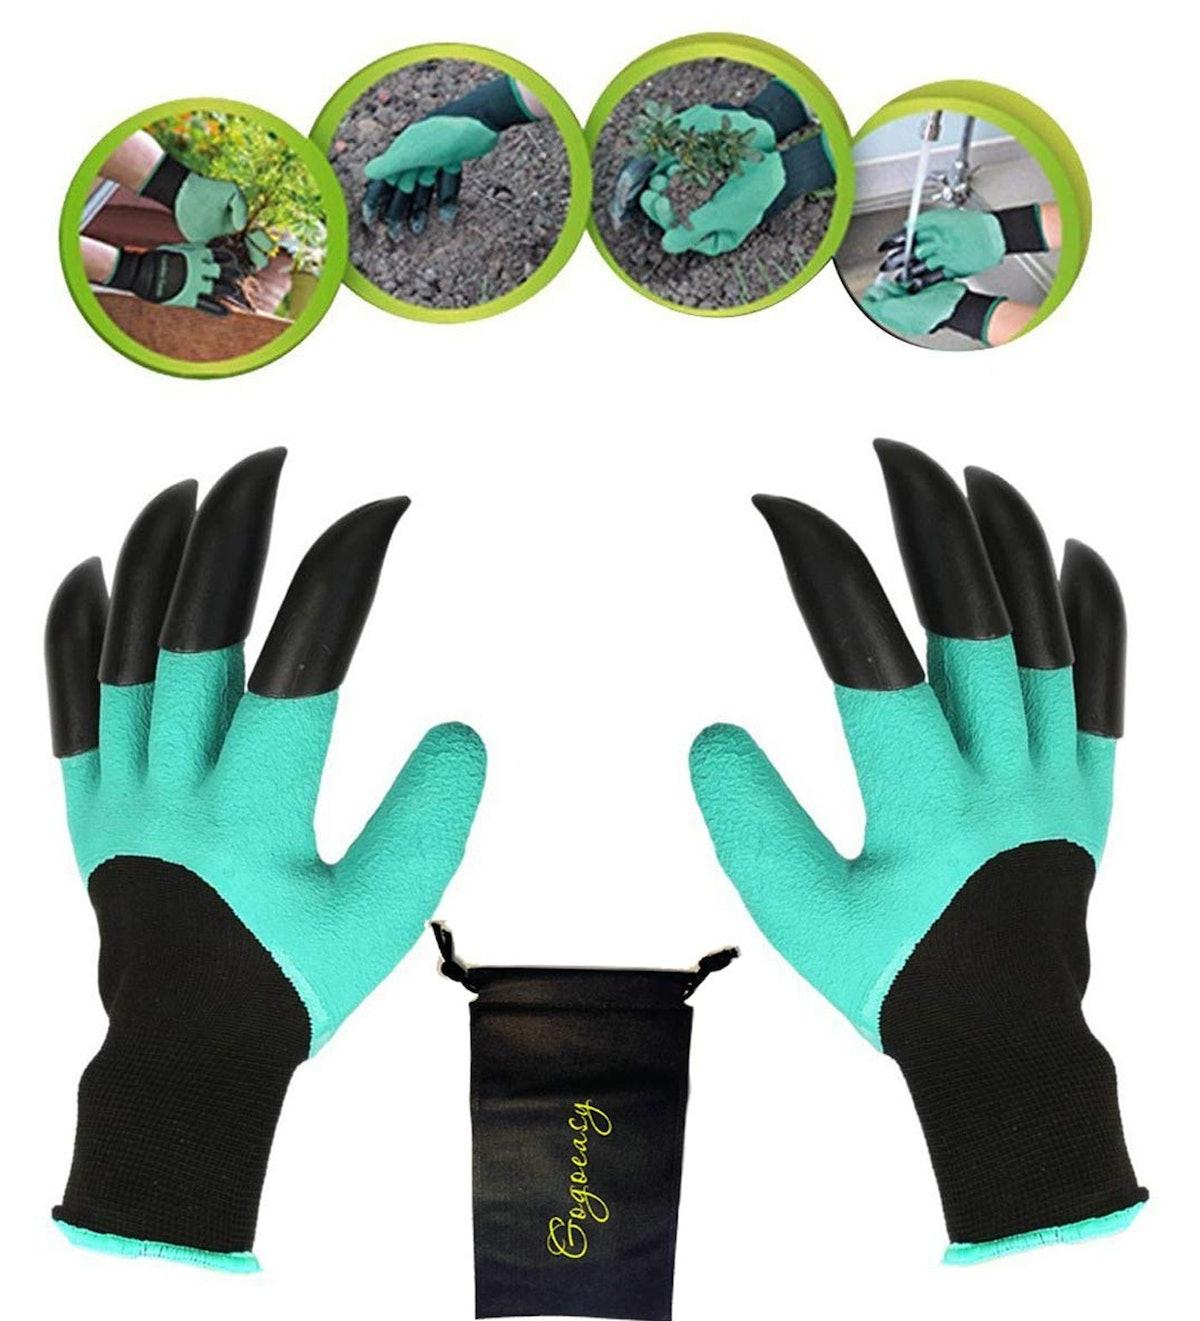 YTH Garden Gloves With Claws